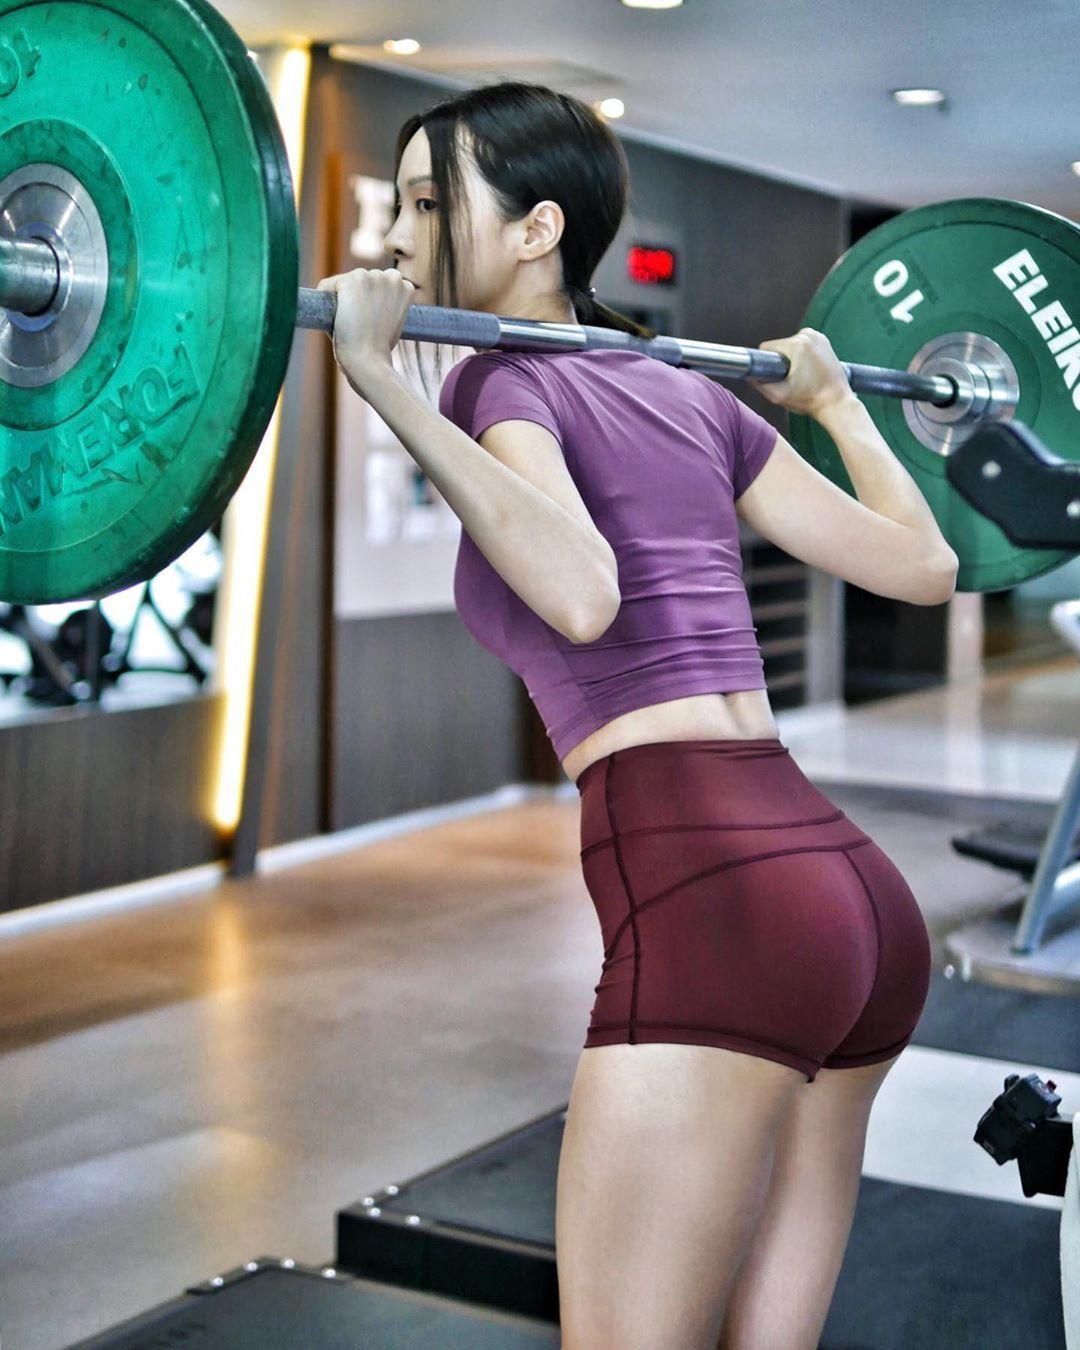 听说喜欢健身的妹子身材都不错 妹子